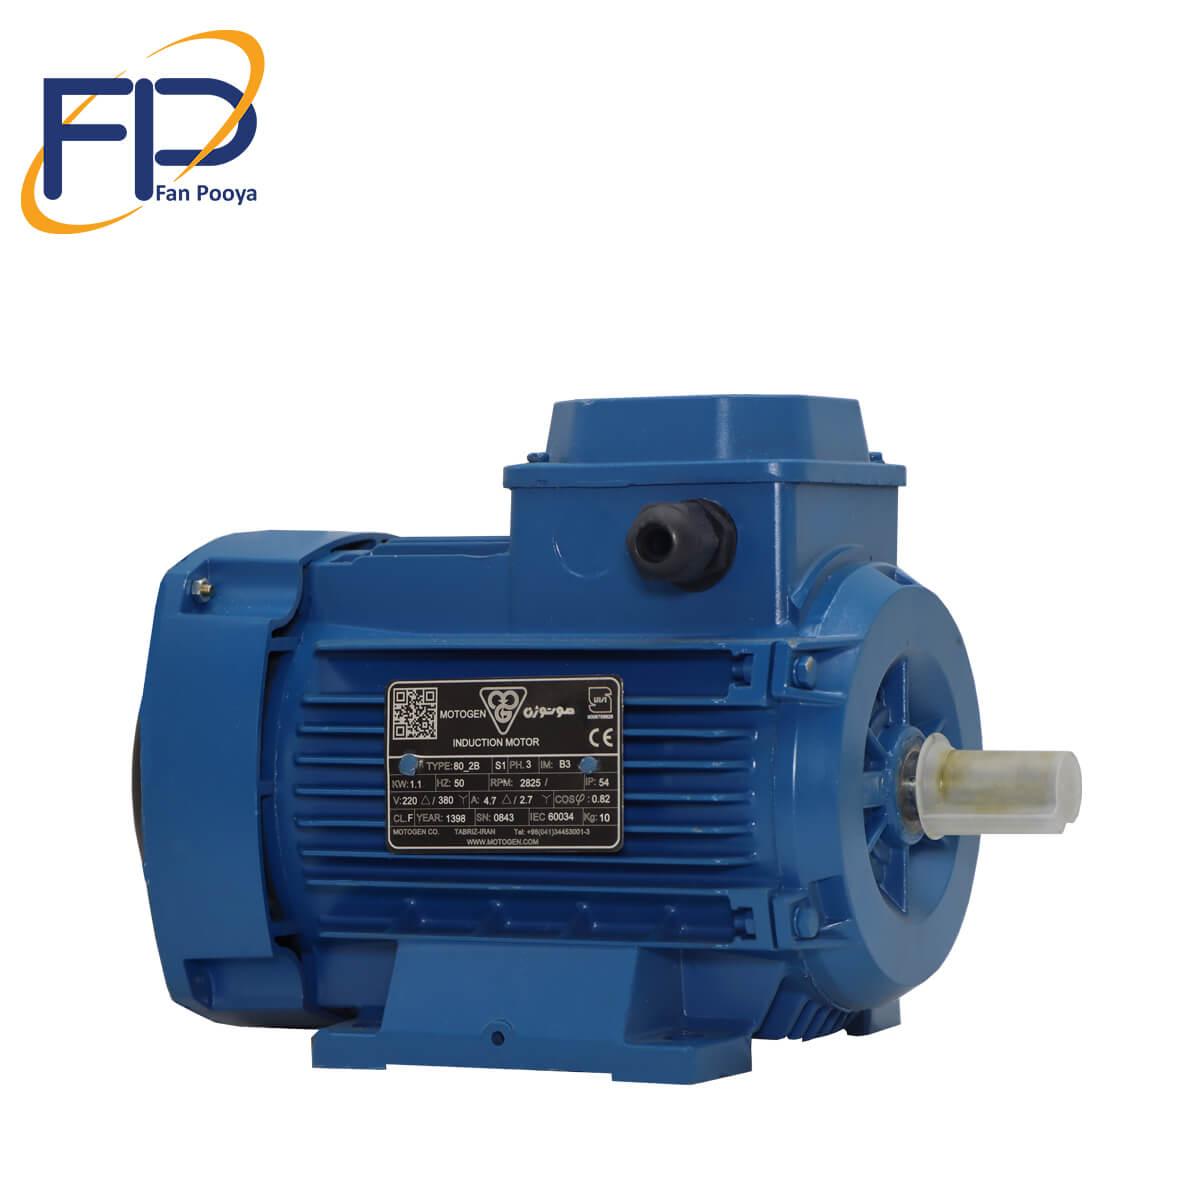 الکتروموتور موتوژن قدرت4kw کیلو وات1500دور